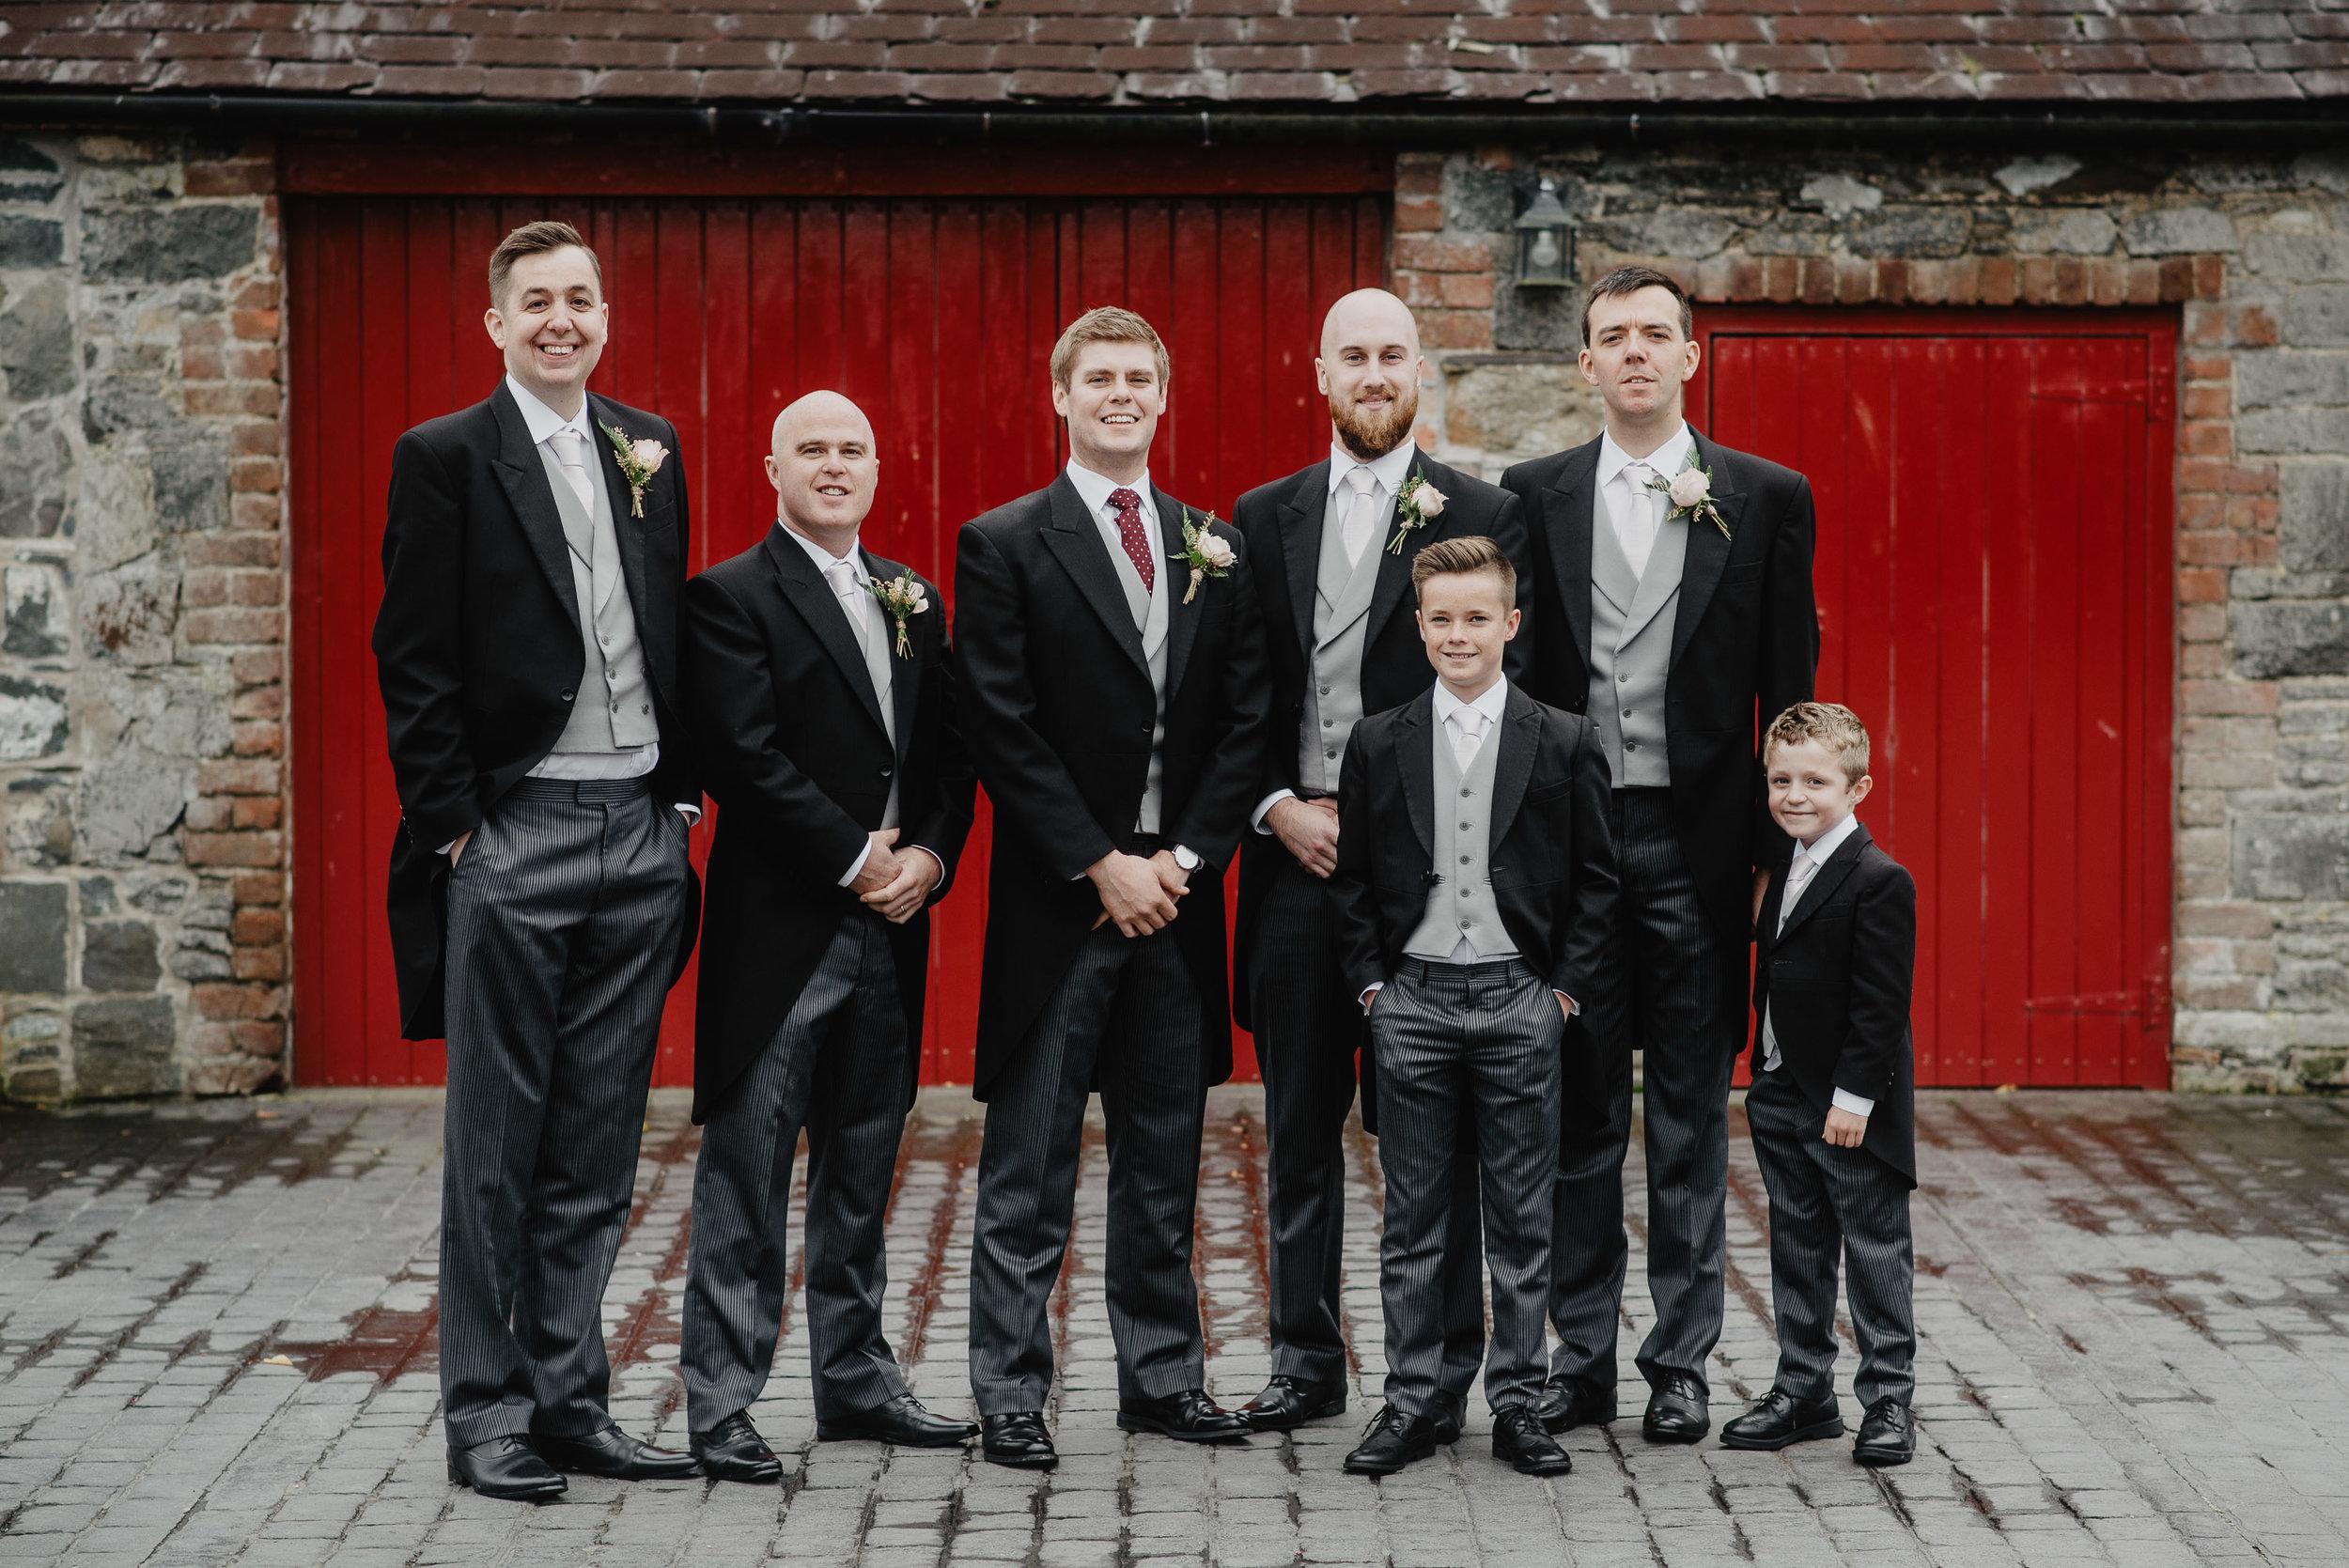 larchfield estate wedding photos-128.jpg